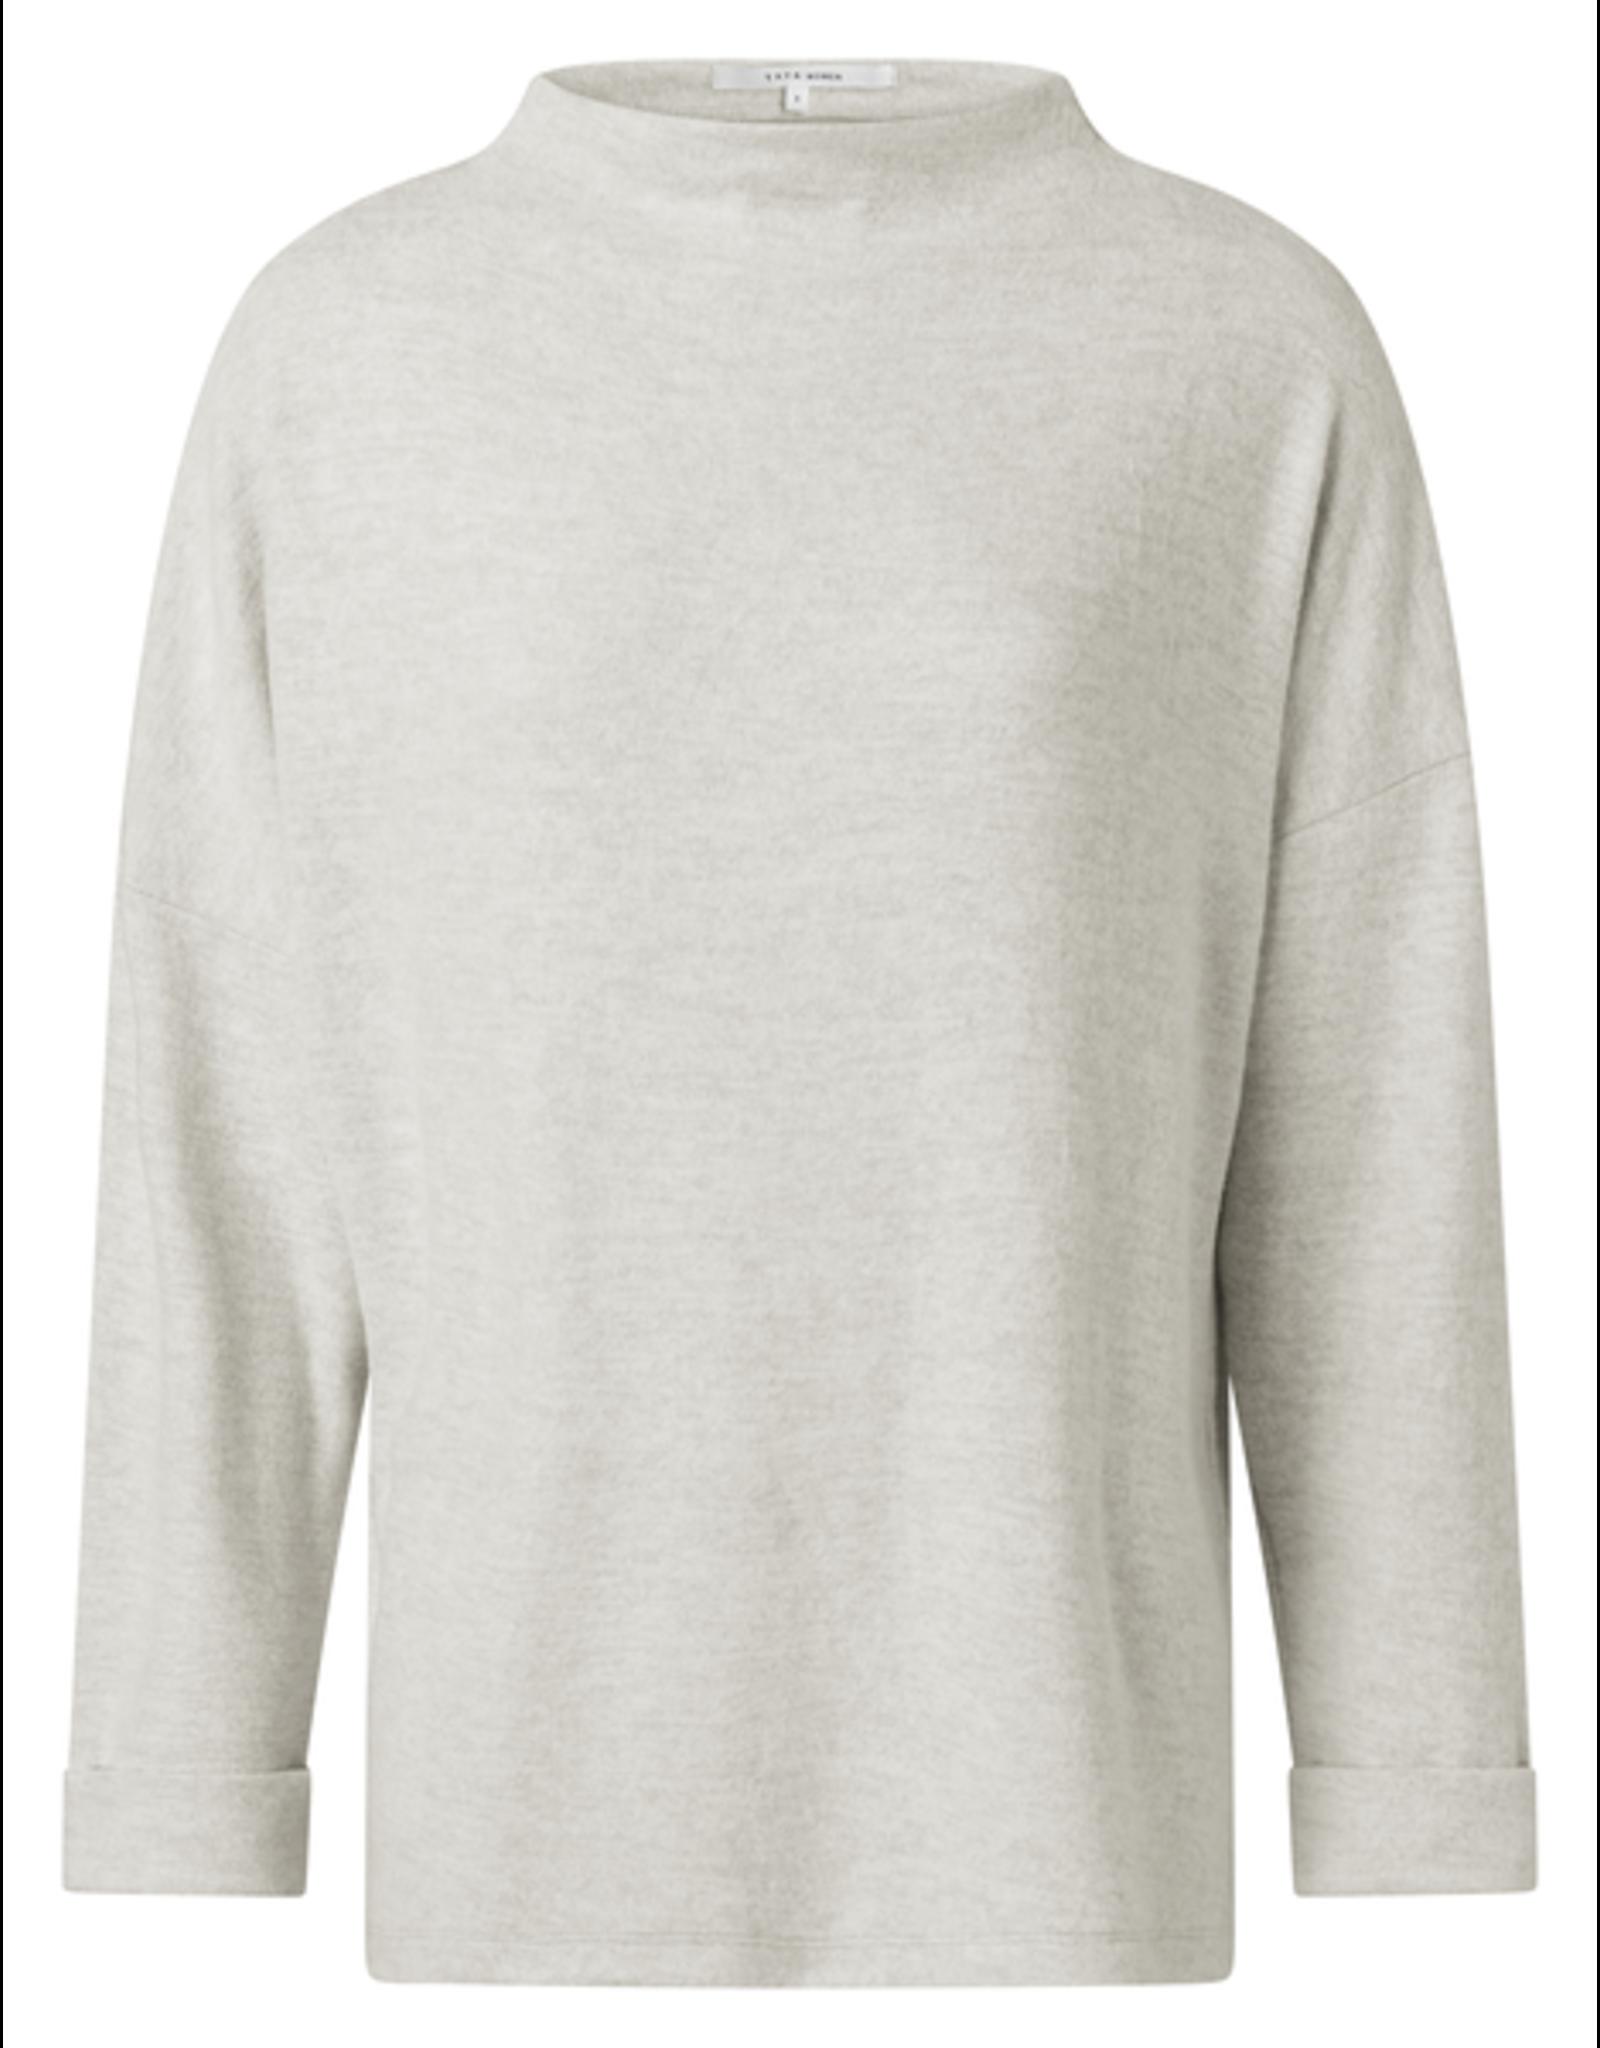 YAYA YAYA Brushed boatneck sweater off white